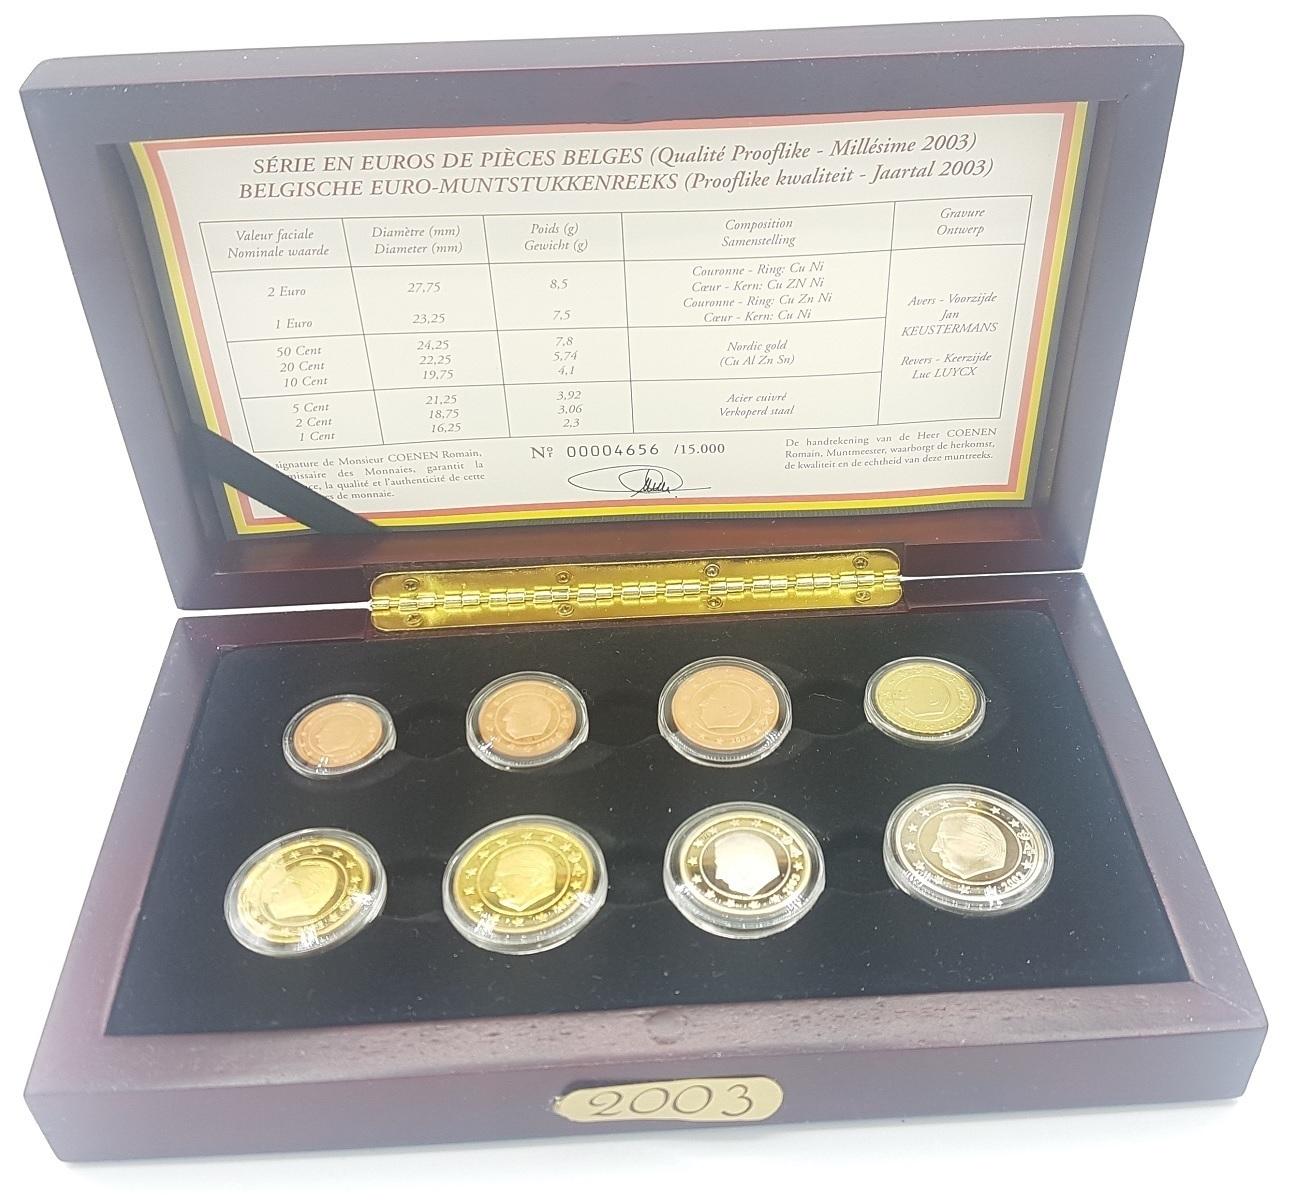 (EUR02.CofBE.2003.Cof-BE.00004656) Proof coin set Belgium 2003 (zoom)